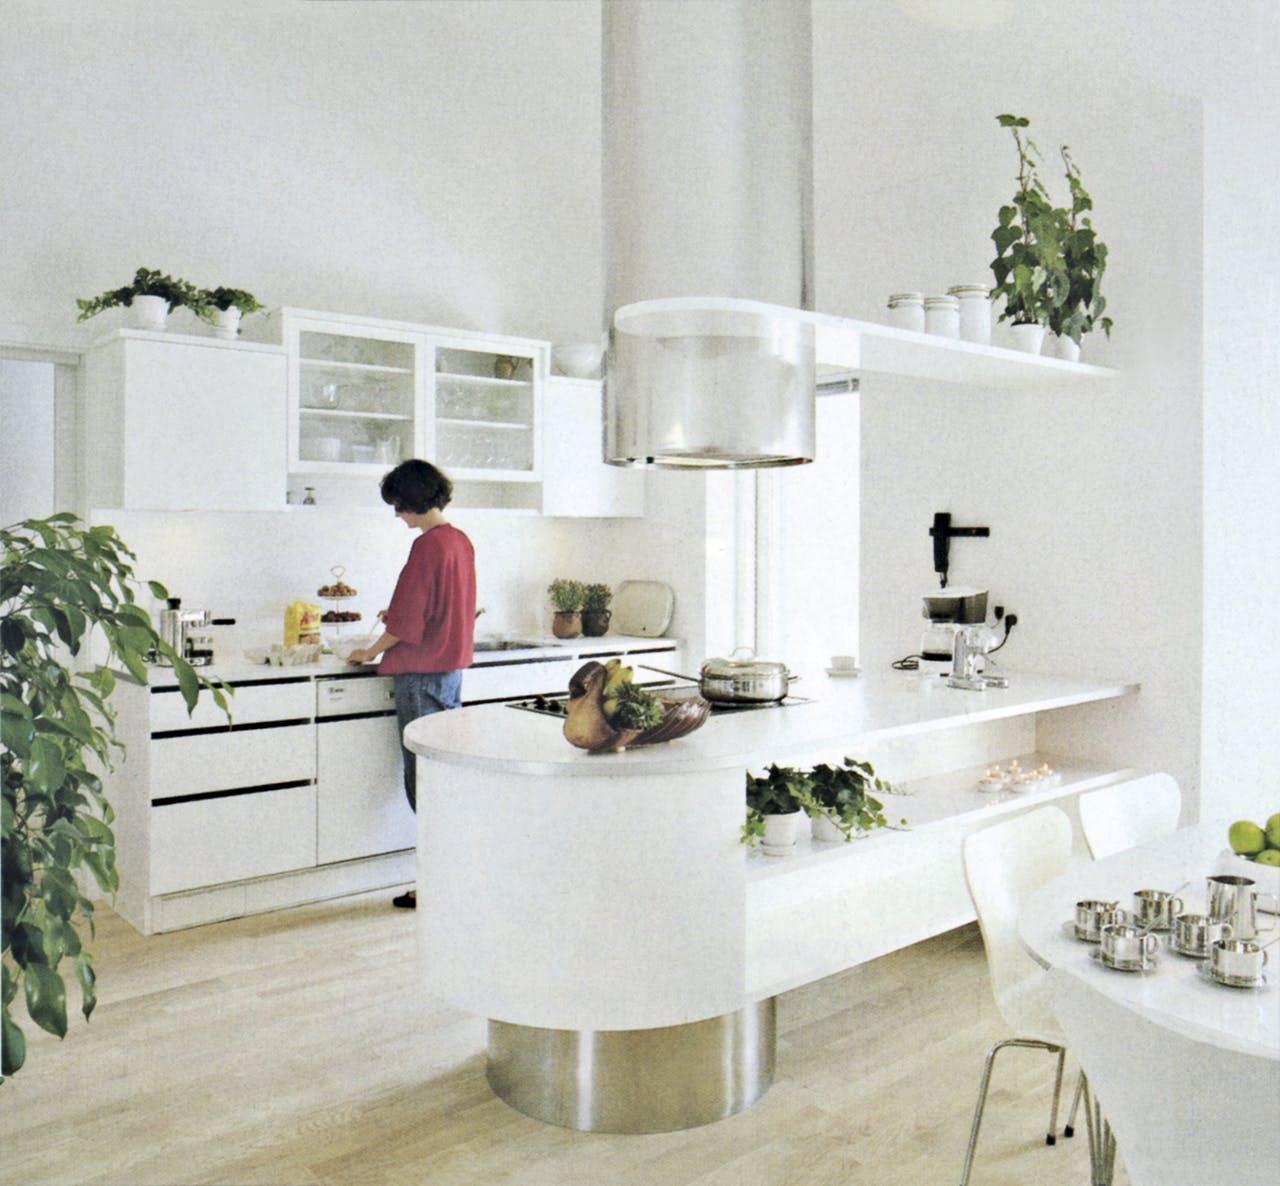 køkken køkkenet historie udvikling 1990 90'erne